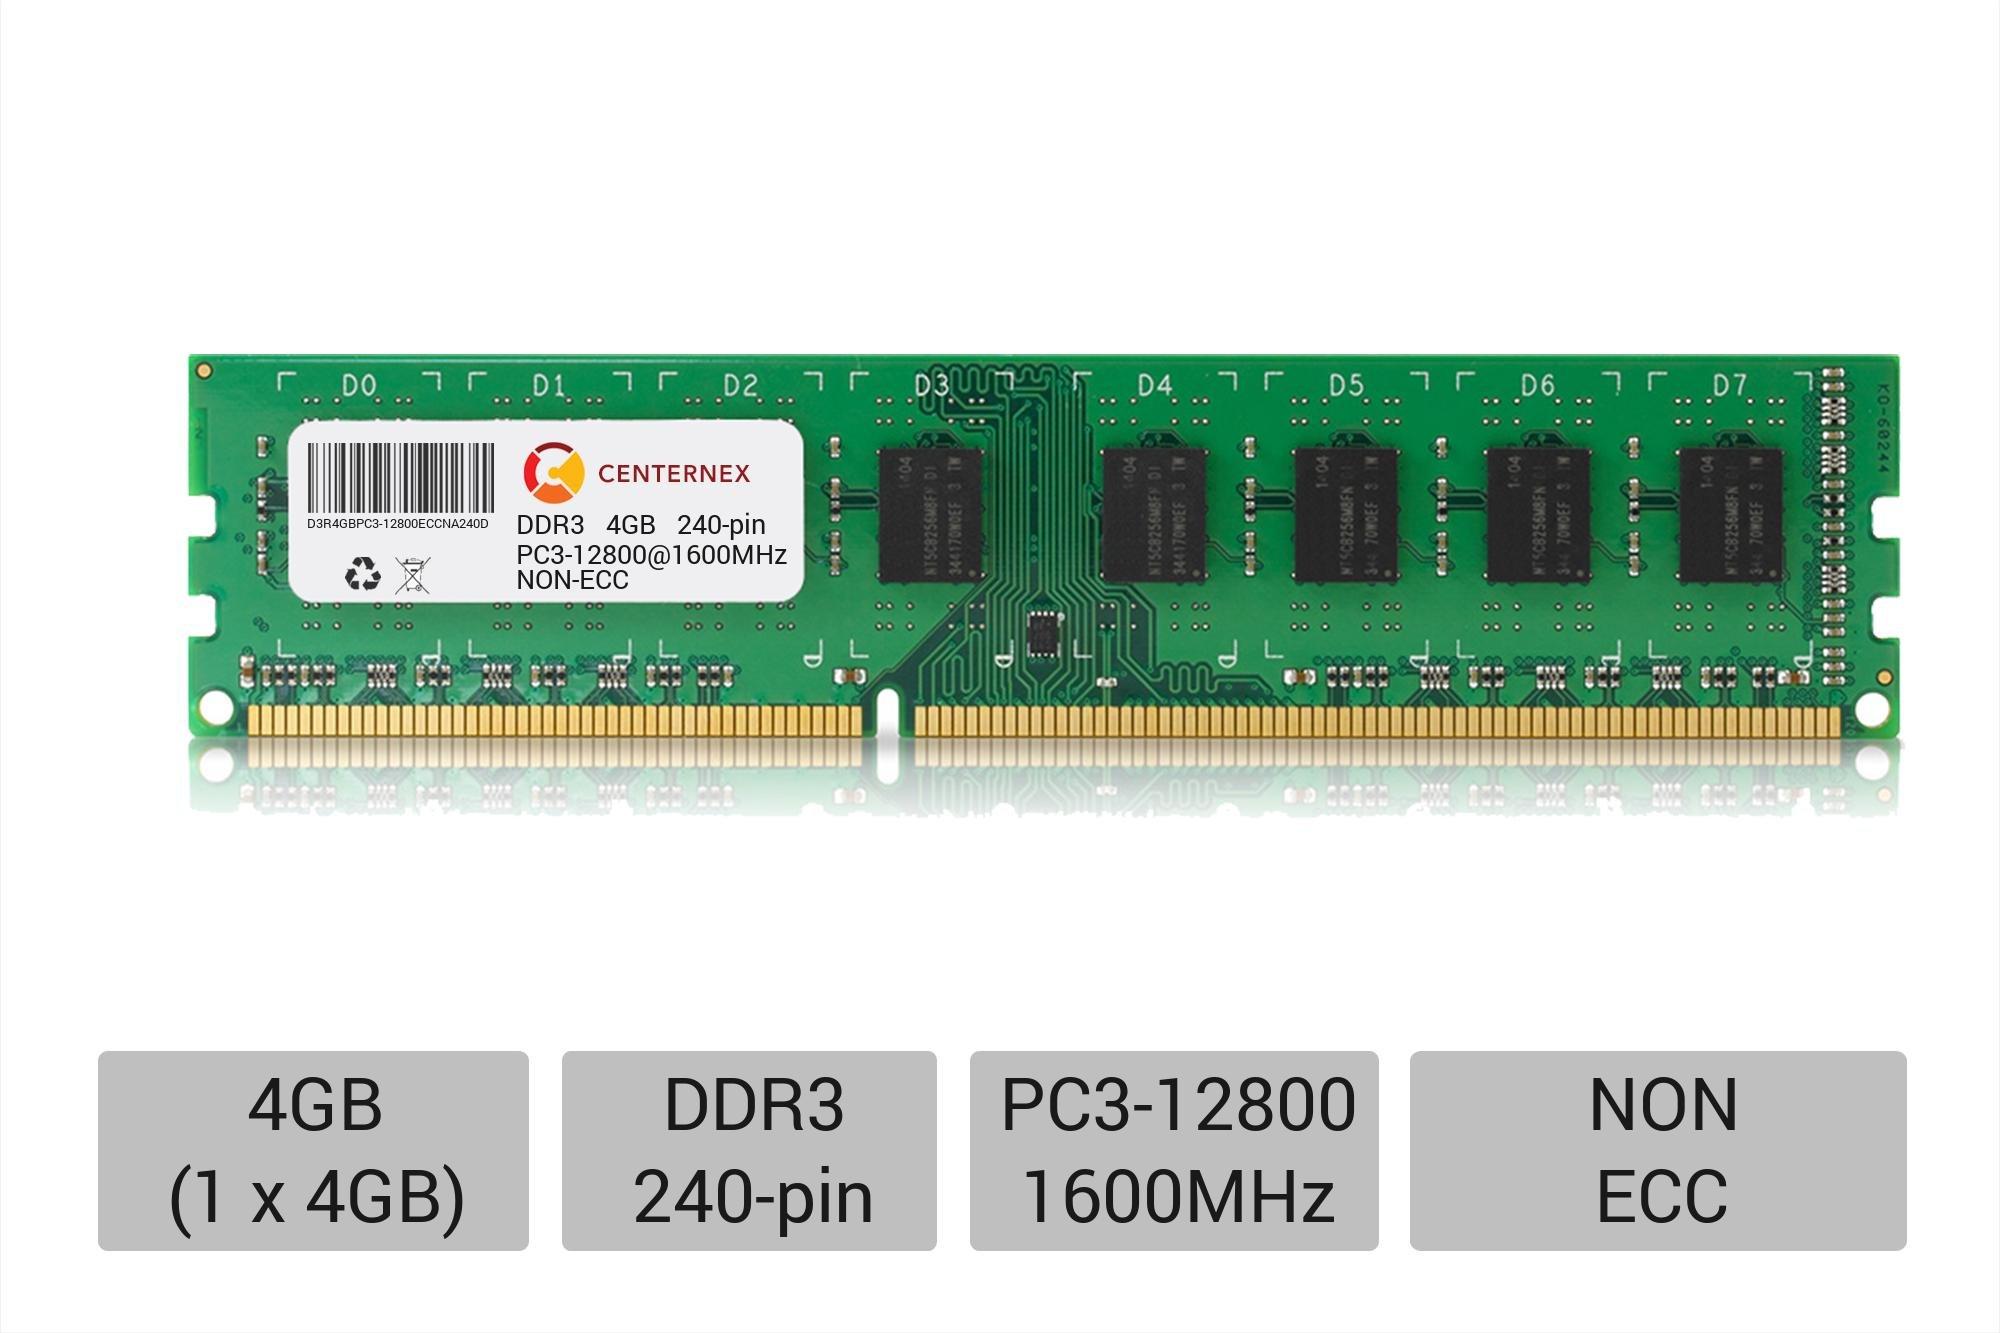 4GB DIMM Gigabyte 55M-UD2H 55M-USB 55-UD3H 57M-USB3 61M-D2H-USB3 Ram Memory by CENTERNEX